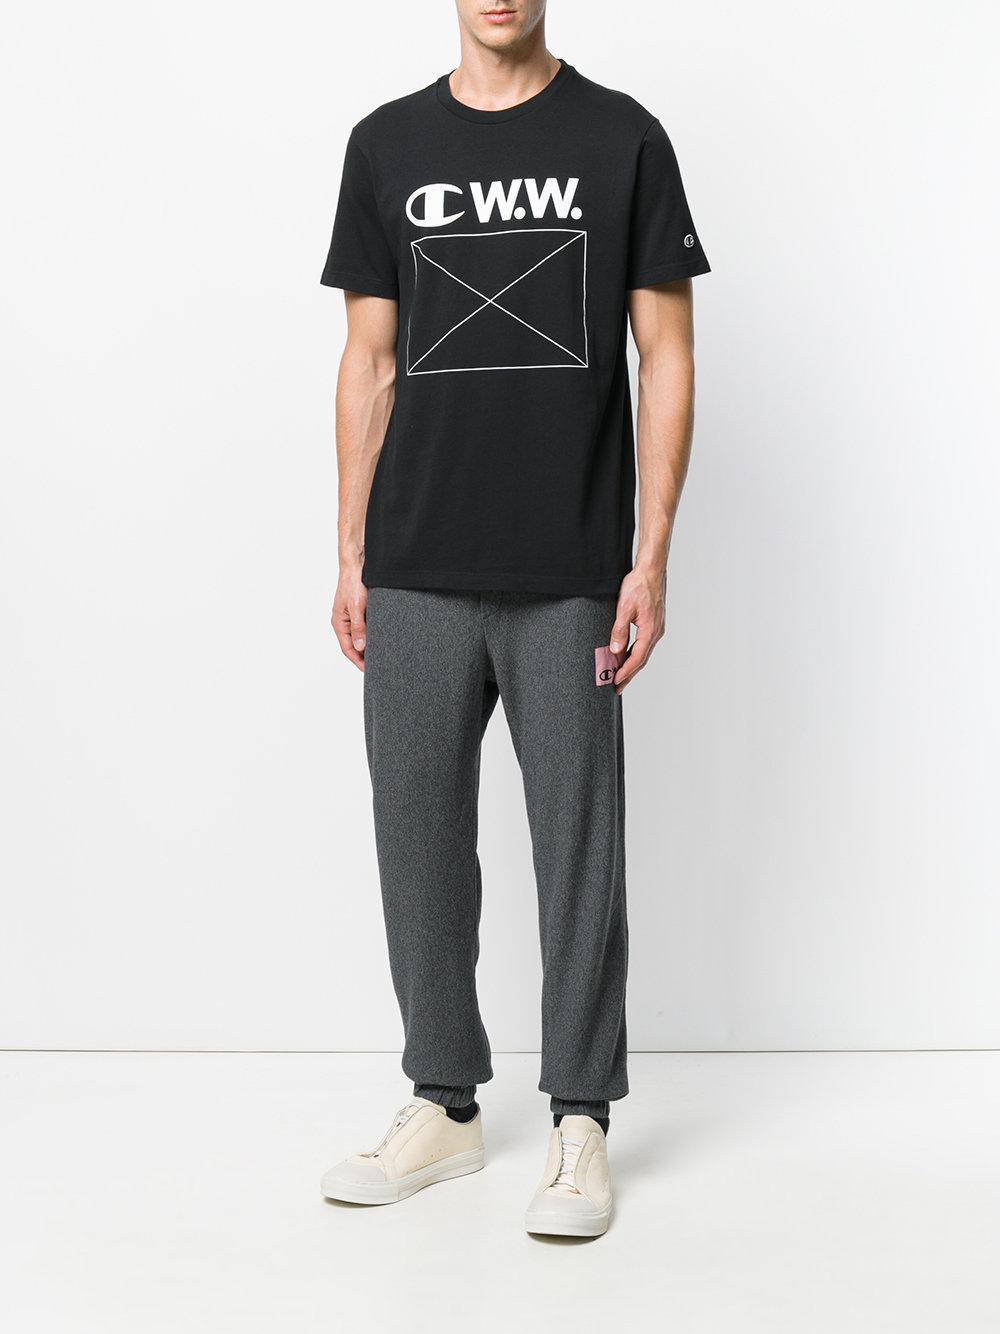 e7539483 Champion Logo Print T-shirt in Black for Men - Lyst